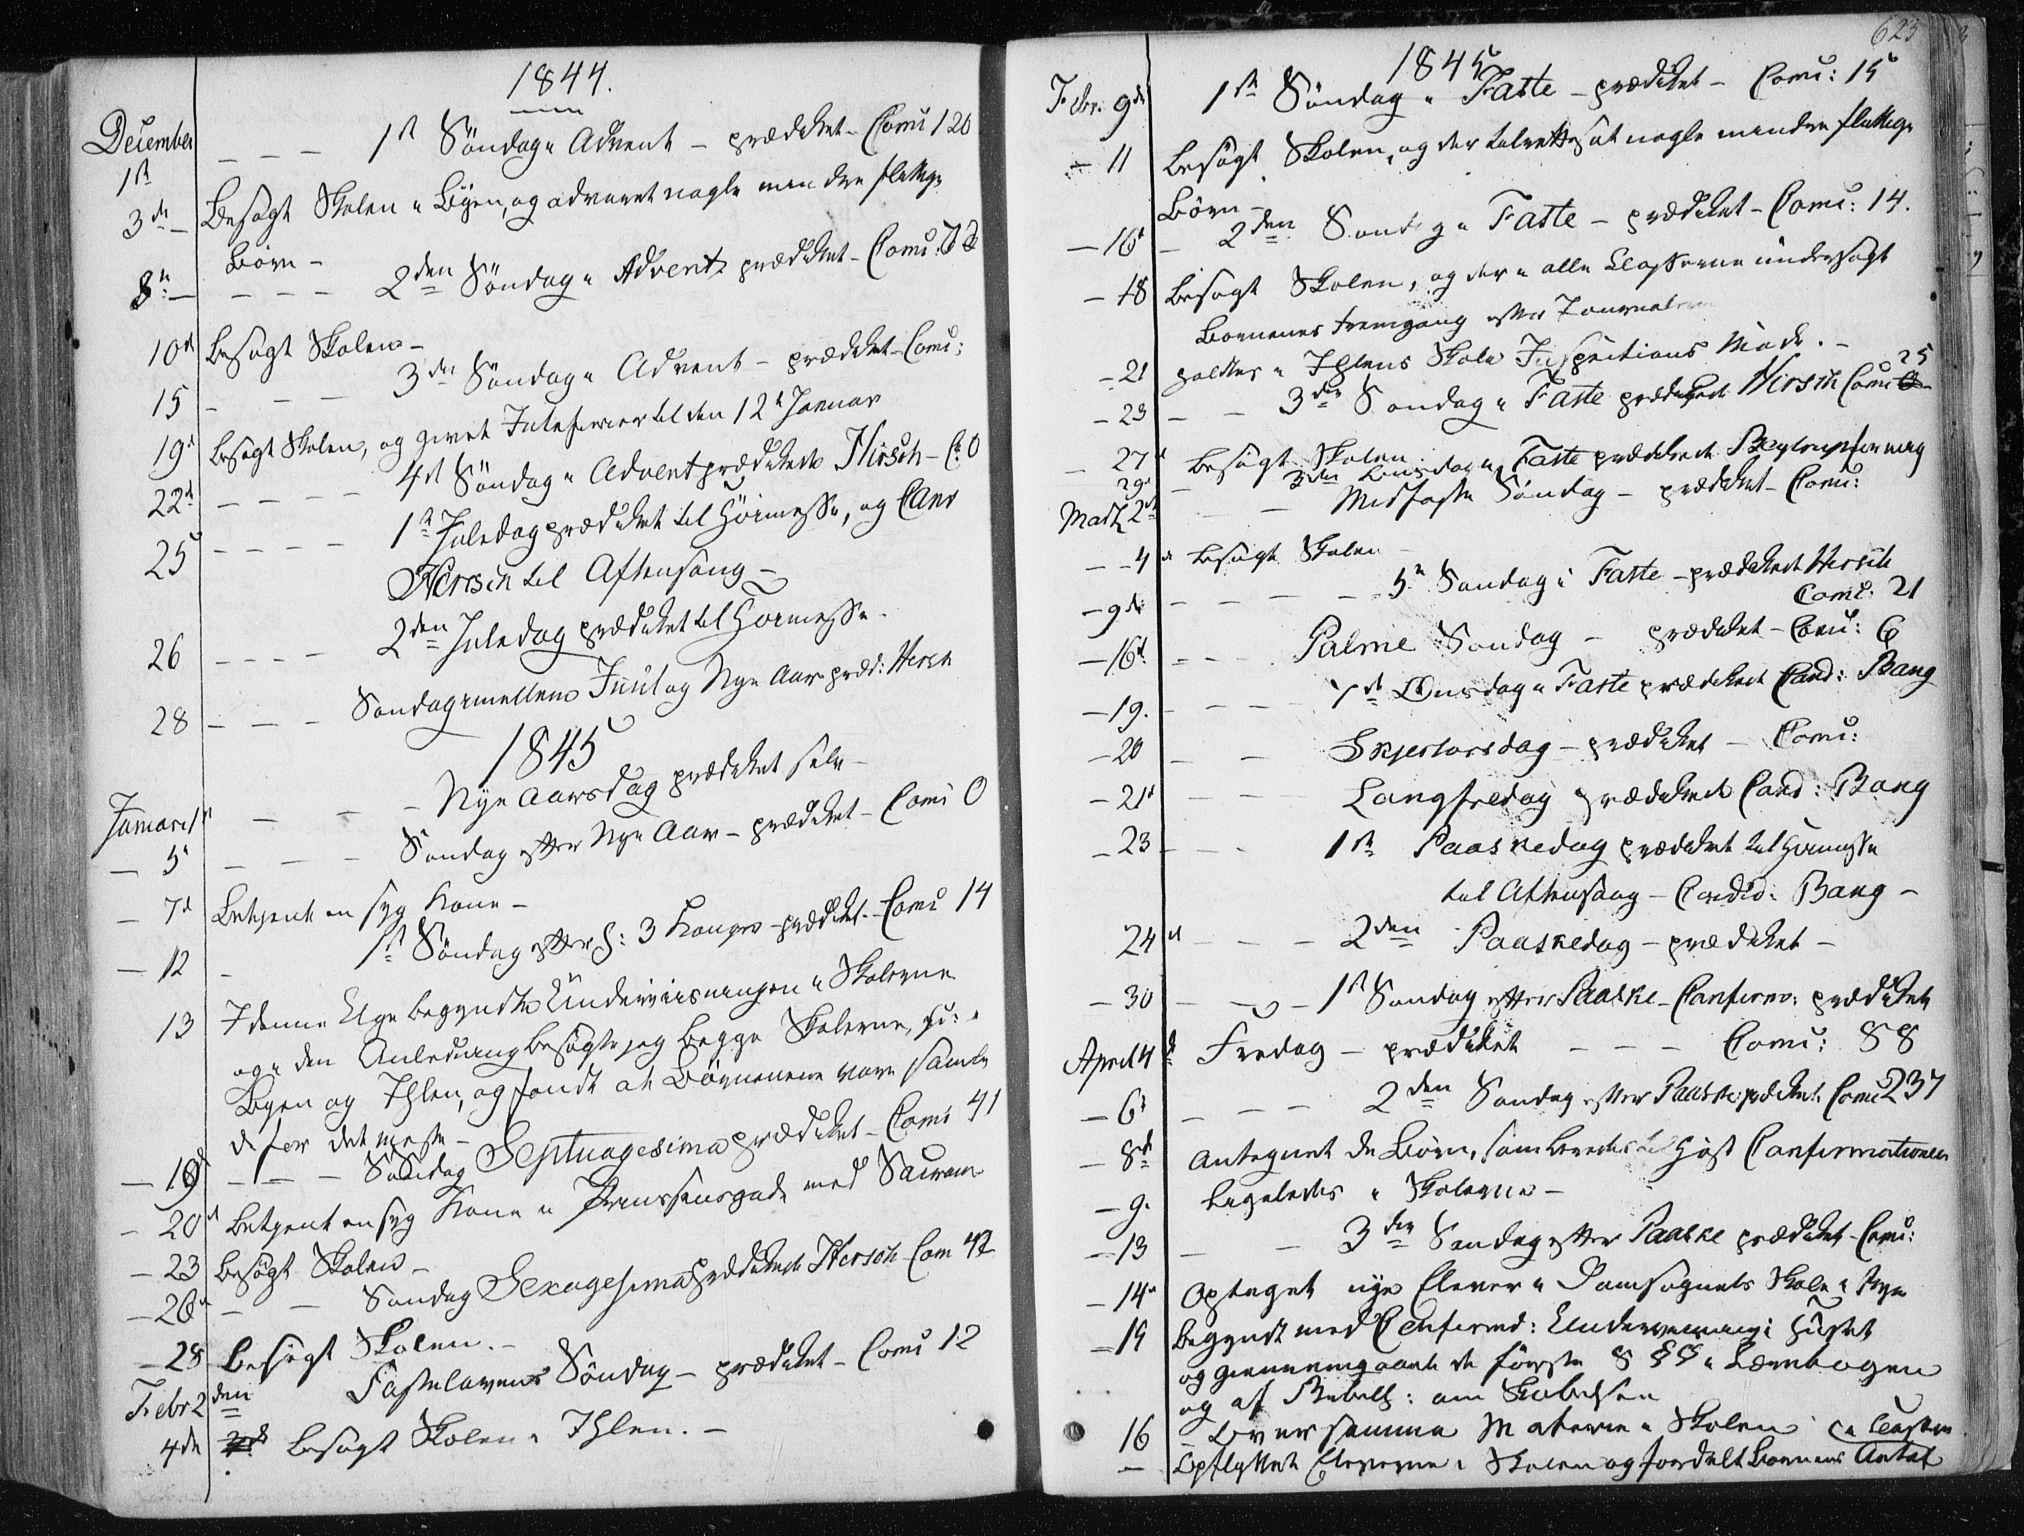 SAT, Ministerialprotokoller, klokkerbøker og fødselsregistre - Sør-Trøndelag, 601/L0049: Ministerialbok nr. 601A17, 1839-1847, s. 623